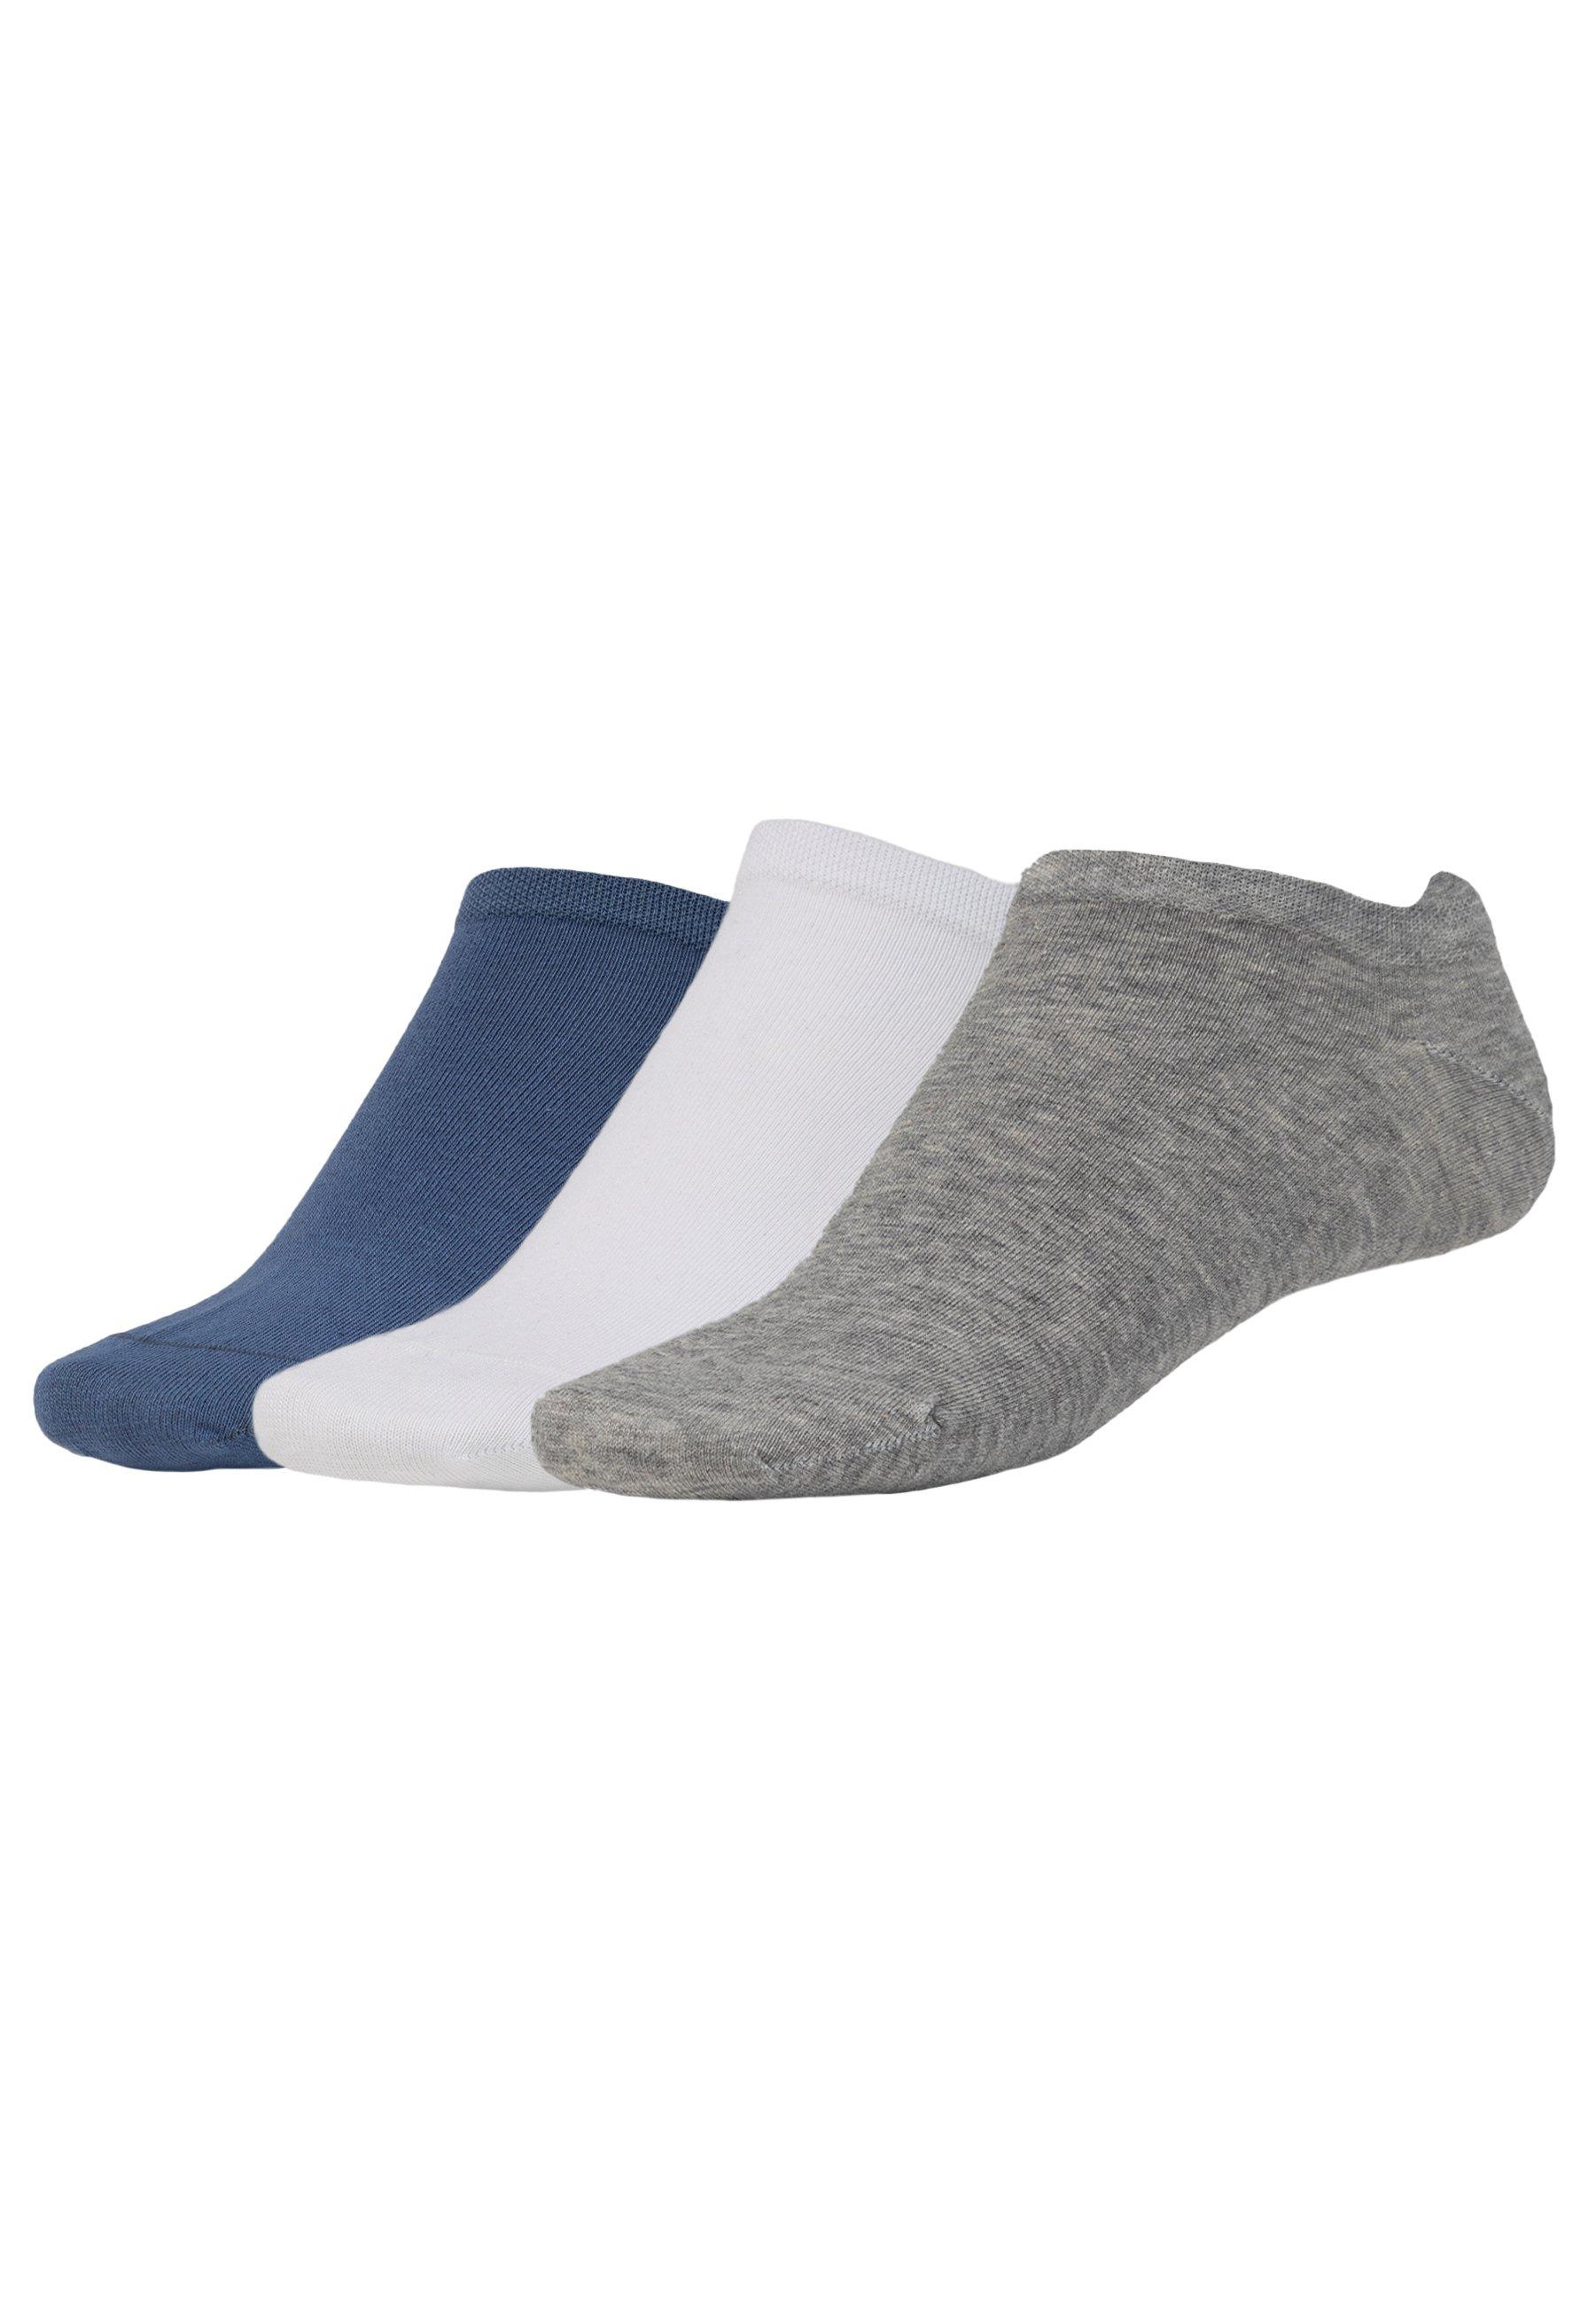 Chaussettes Montantes Pour Femmes Jupe ringelstrümpfe halterlose bas noir et blanc